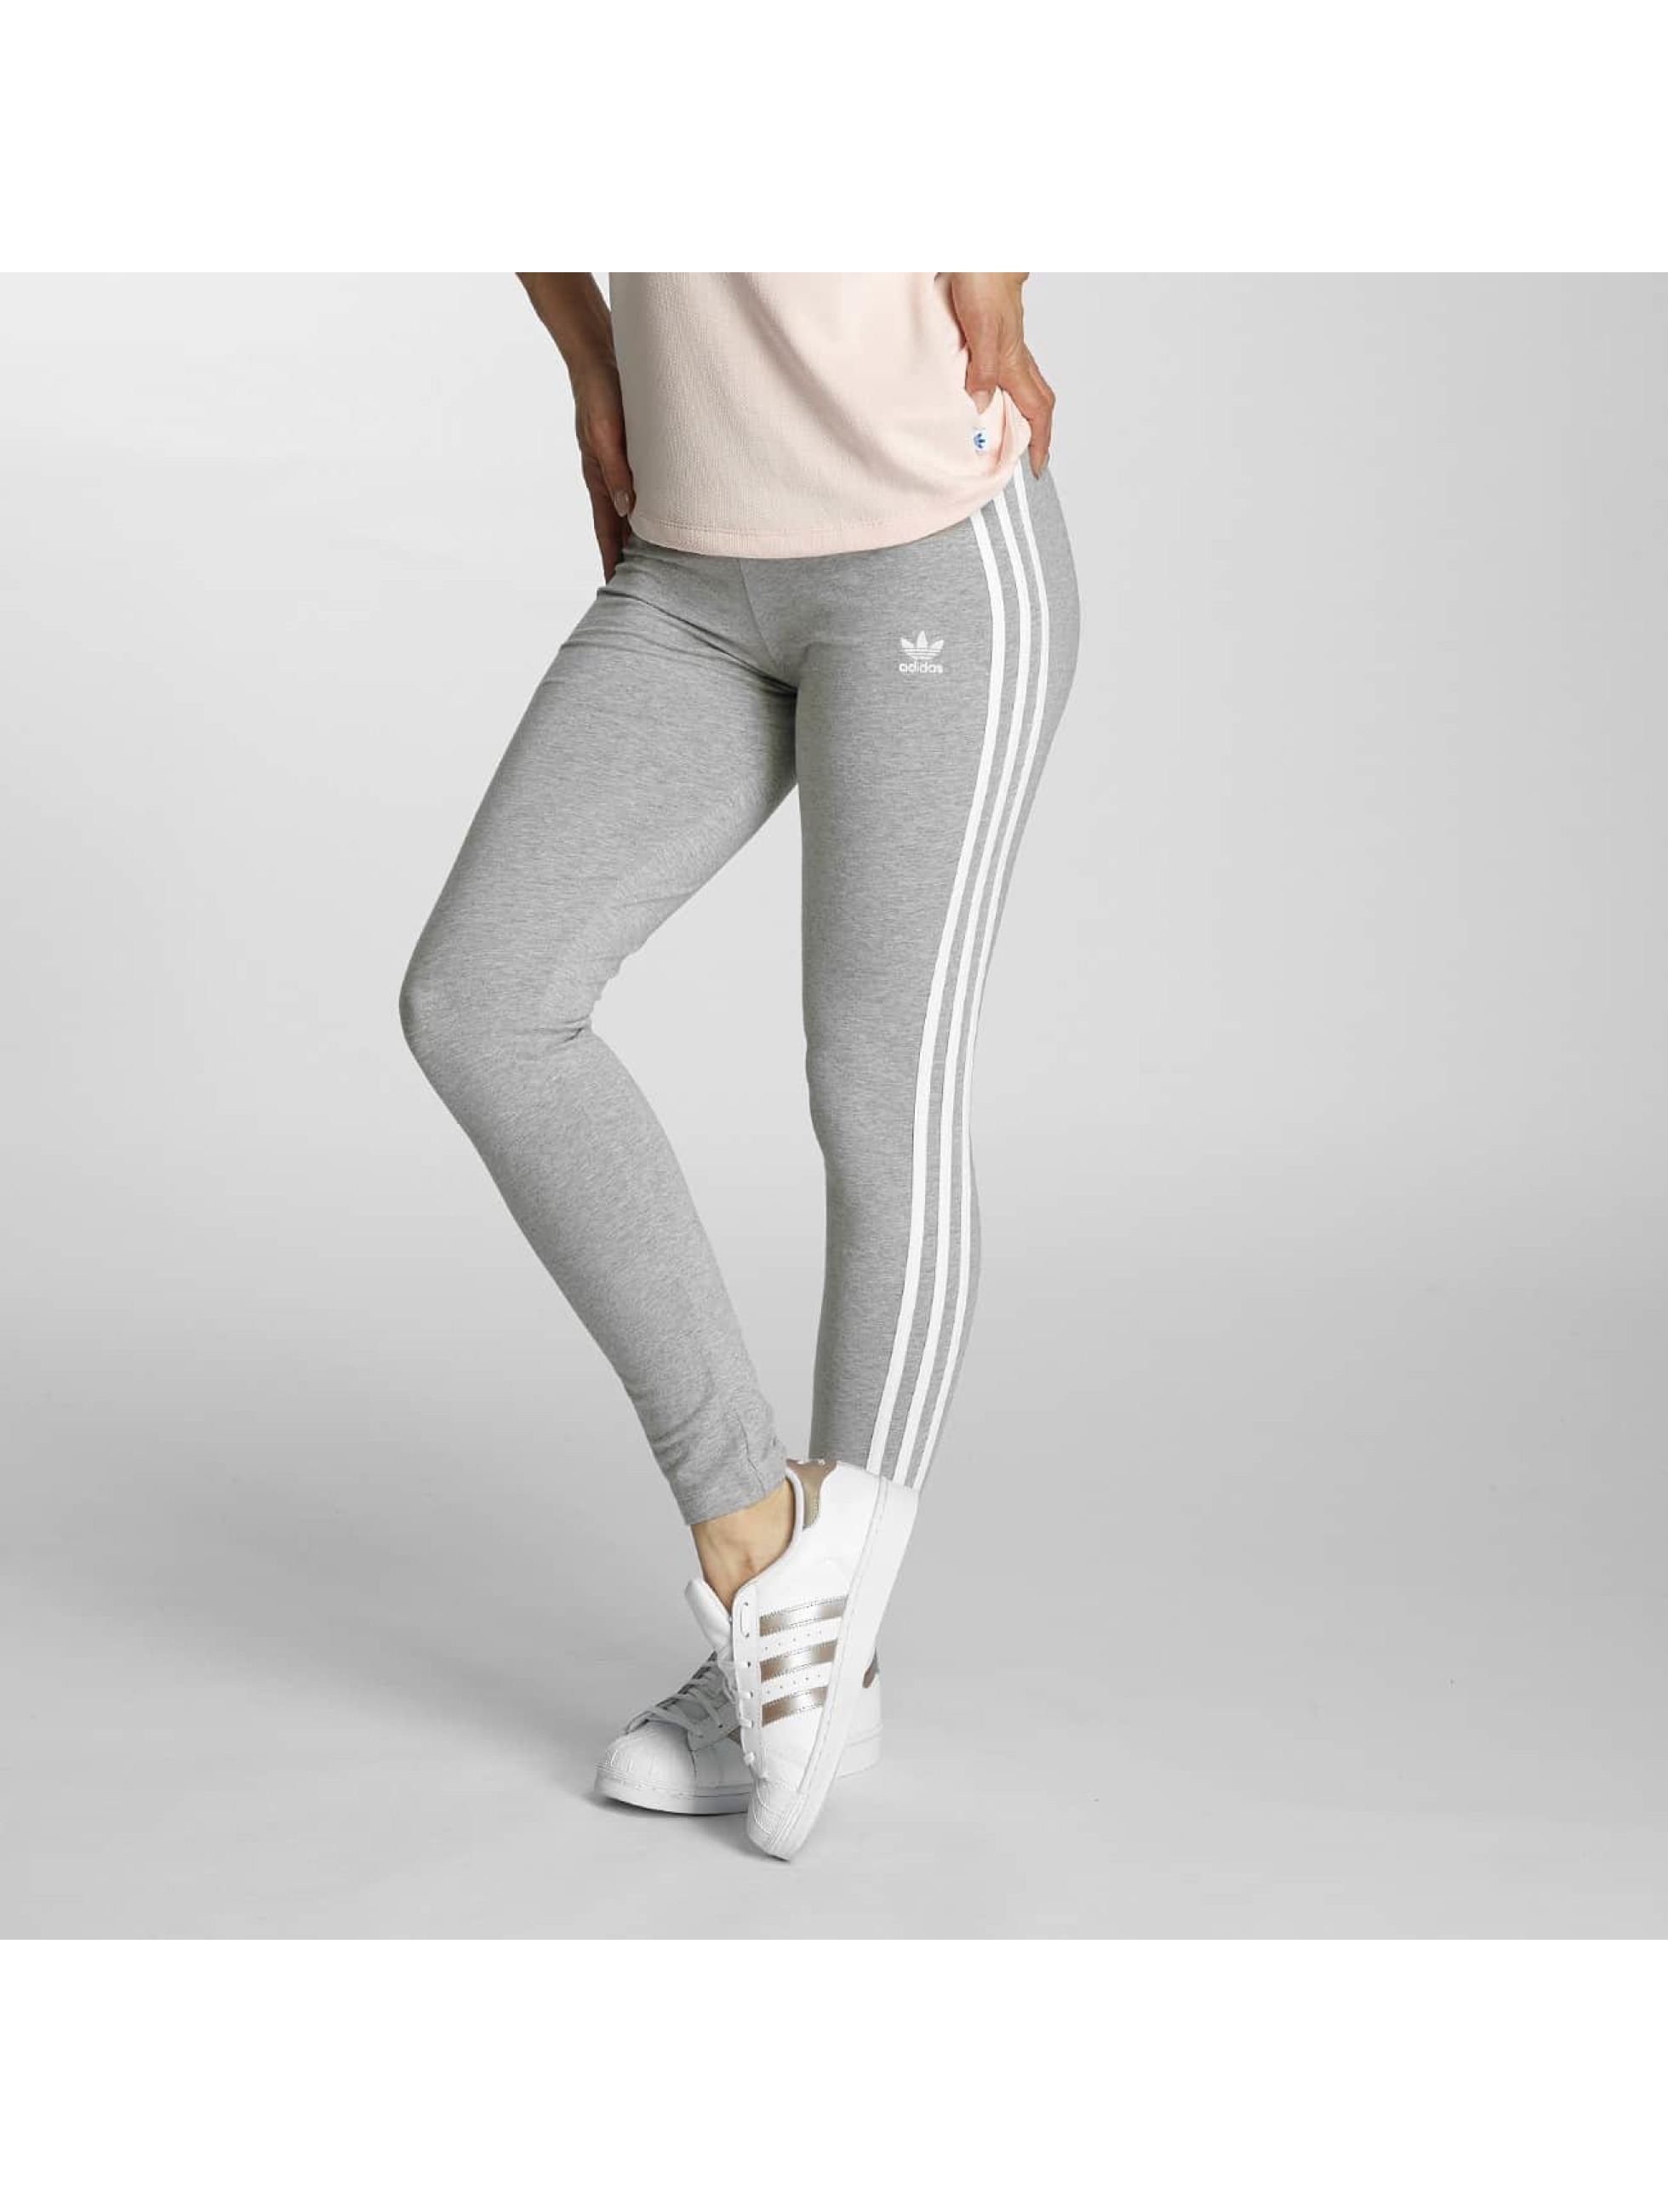 adidas damen legging 3 stripes in grau 369124